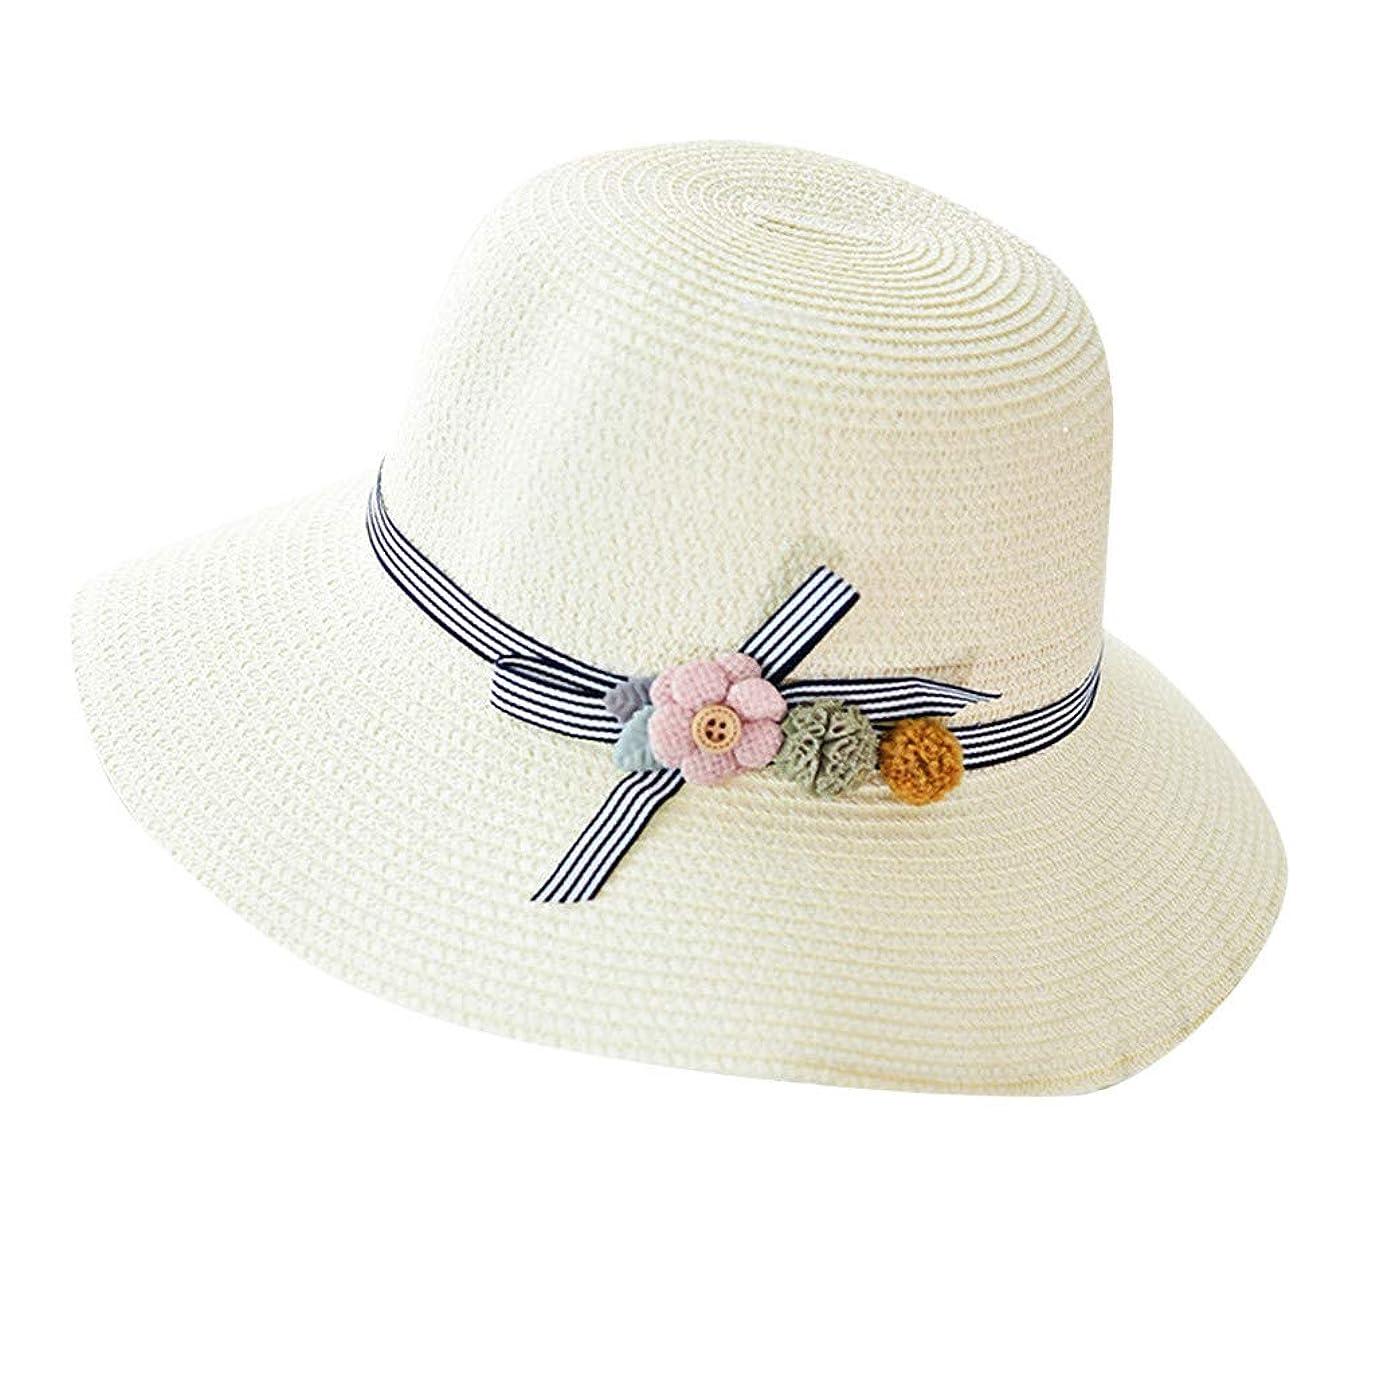 放射するふざけたクラック漁師帽 夏 帽子 レディース UVカット 帽子 ハット レディース 紫外線対策 日焼け防止 つば広 日焼け 旅行用 日よけ 夏季 折りたたみ 森ガール ビーチ 海辺 帽子 ハット レディース 花 ROSE ROMAN